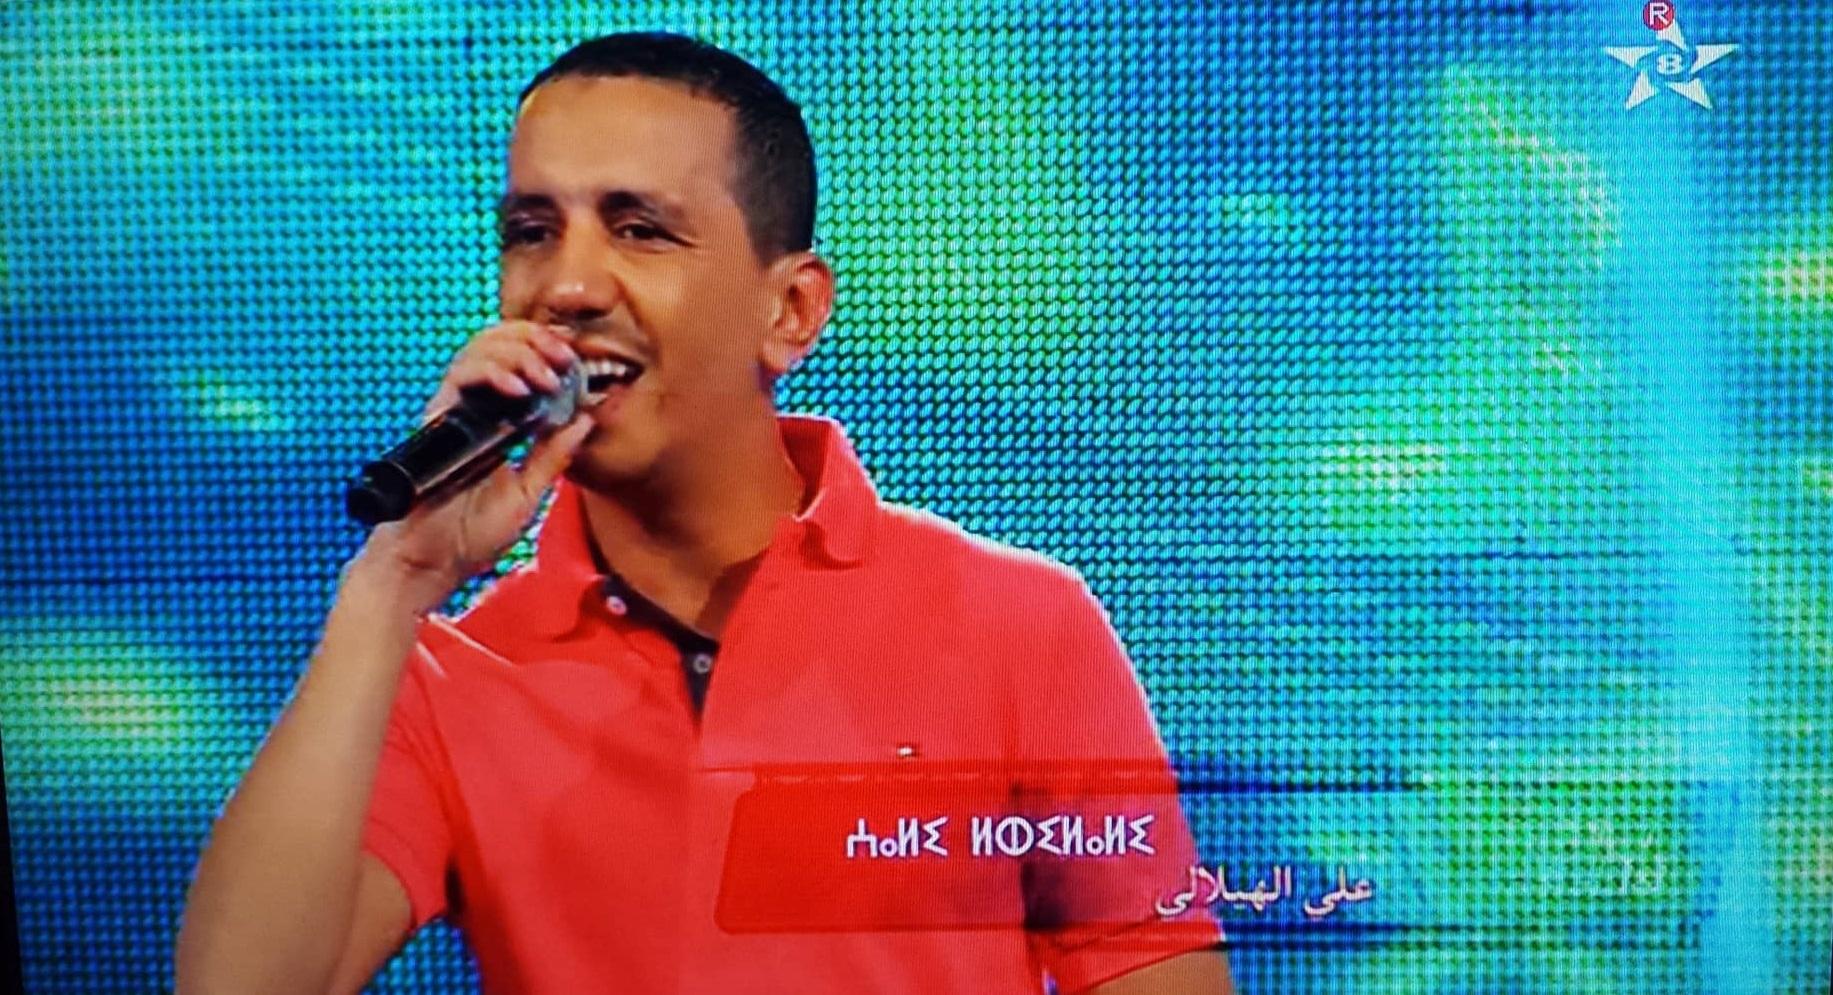 """بالفيديوا:الفنان الناظوري علي الهيلالي يتألق على قناة تمازيغت بأغنية """"زريغت وشا هارشغ"""""""